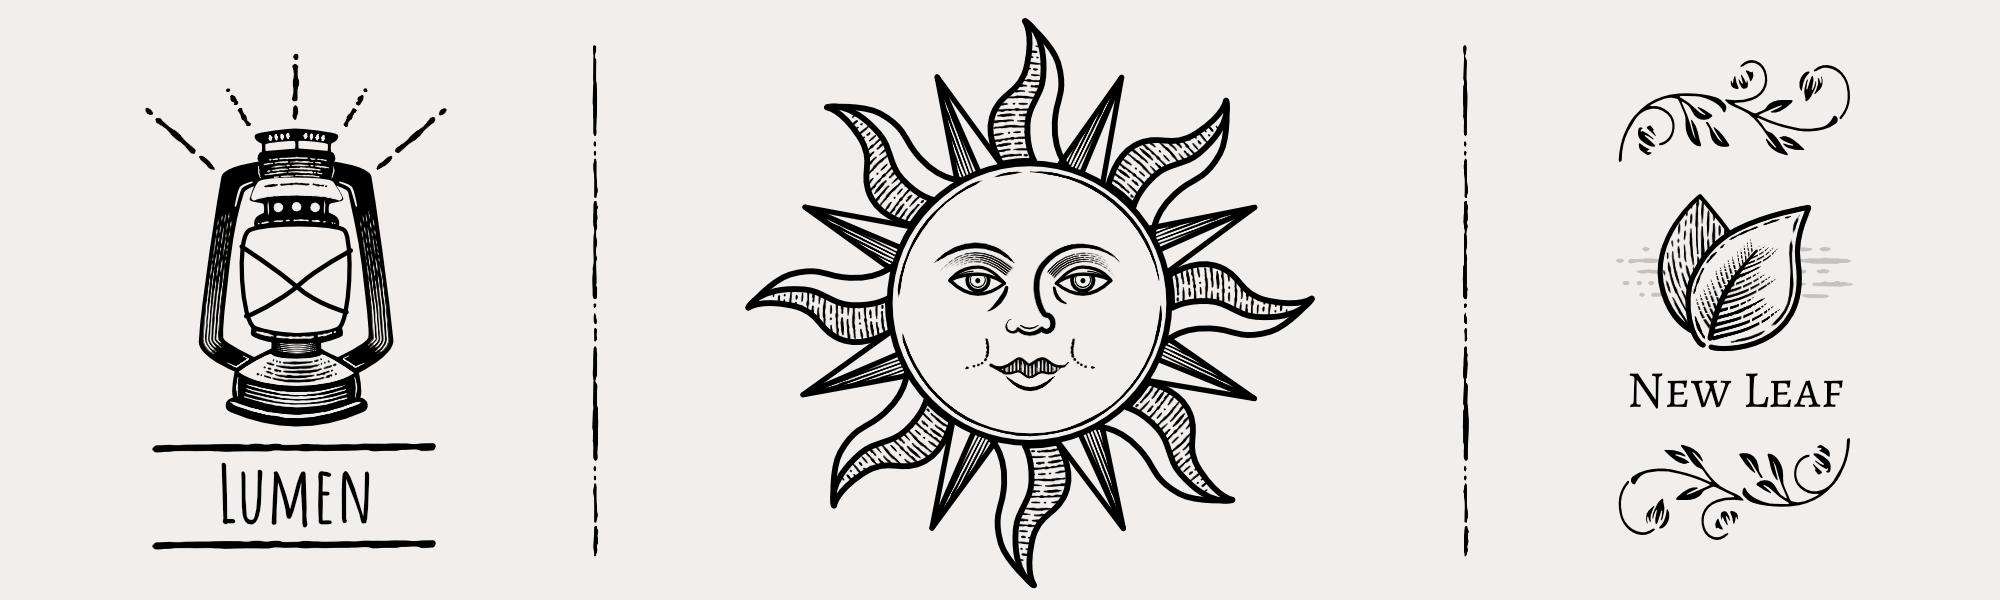 Graphic Design Services & Illustration Portfolio Image